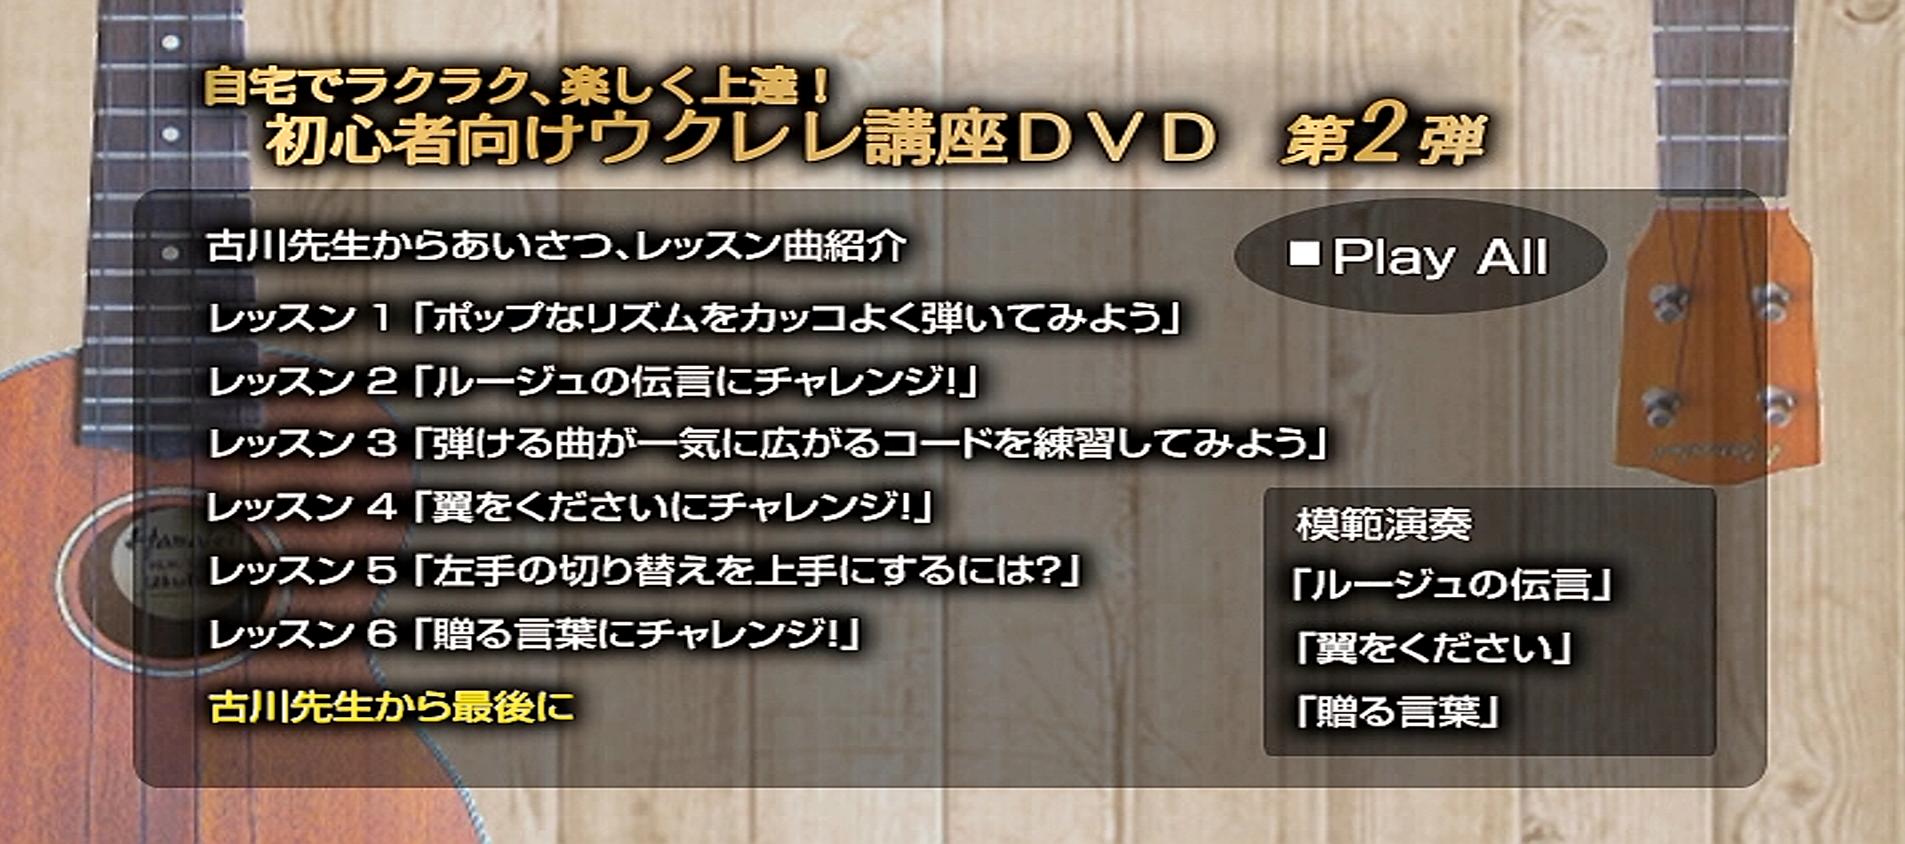 DVD第2弾のレッスンテーマ